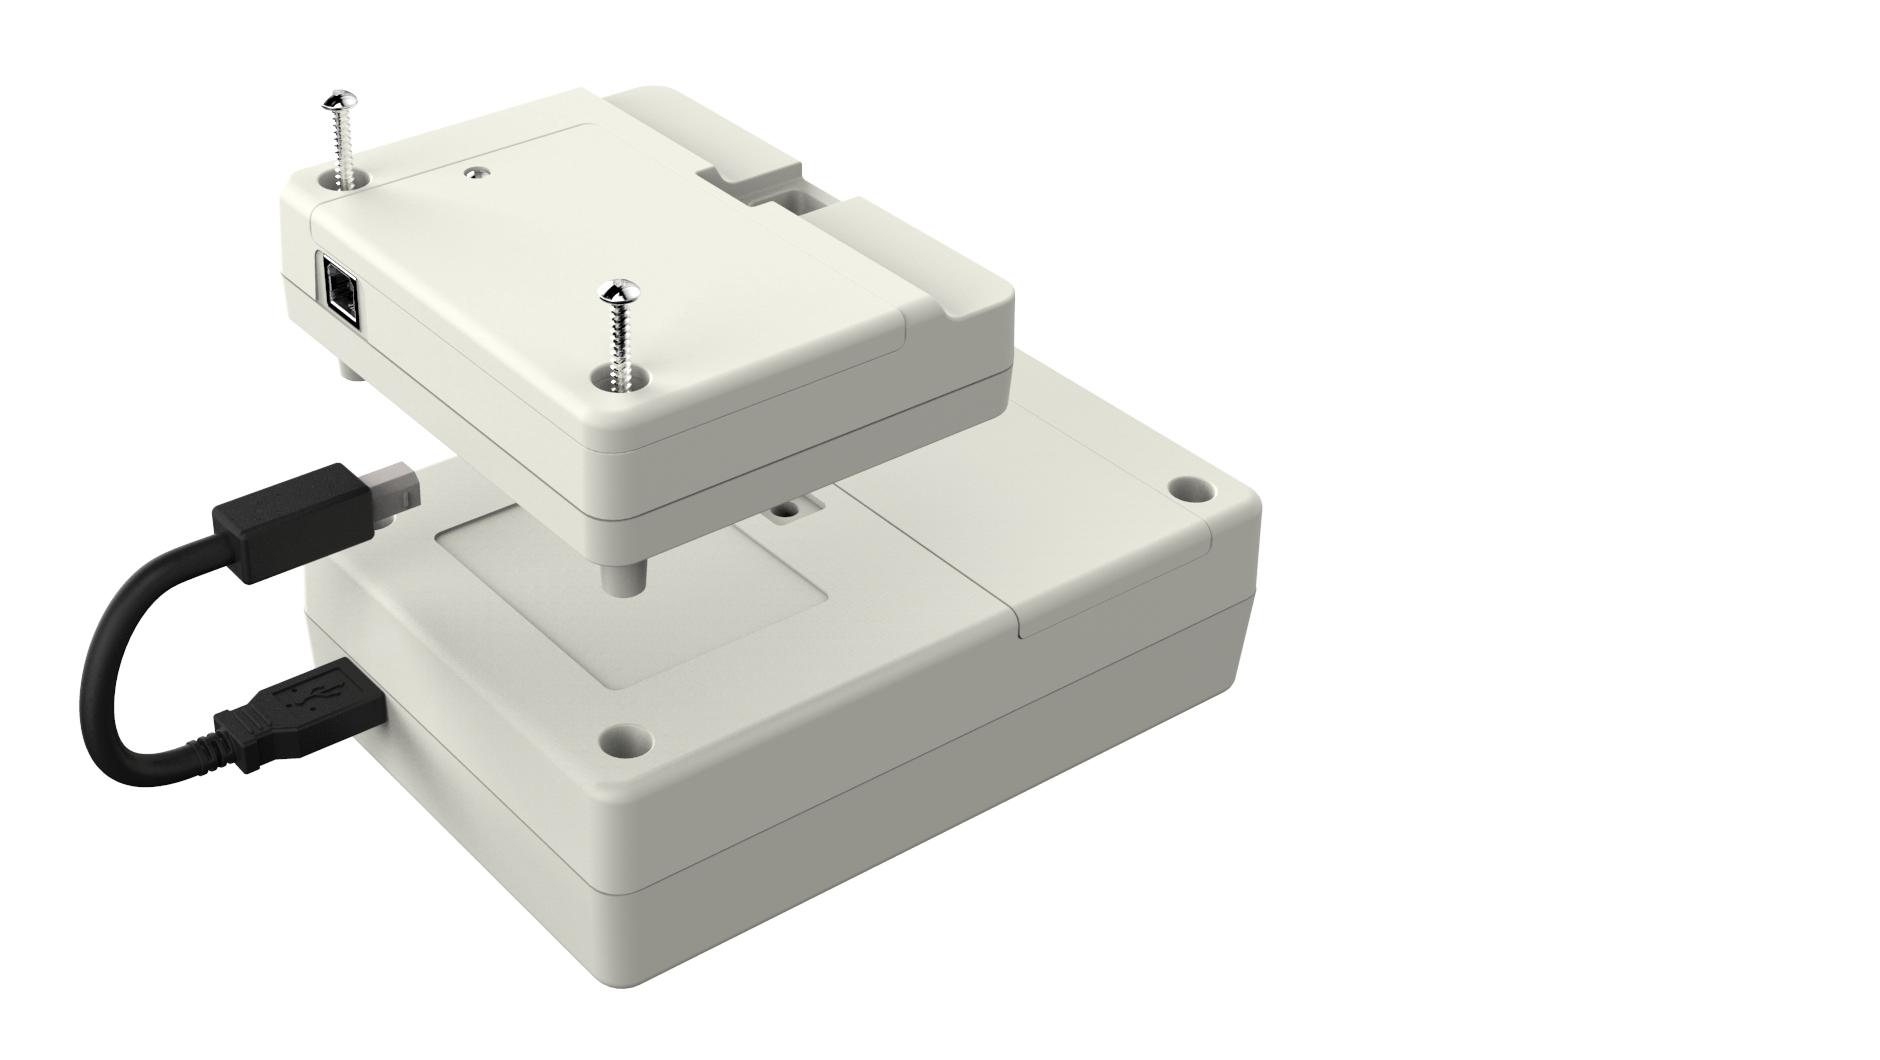 wifi adapter engineering cad rendering